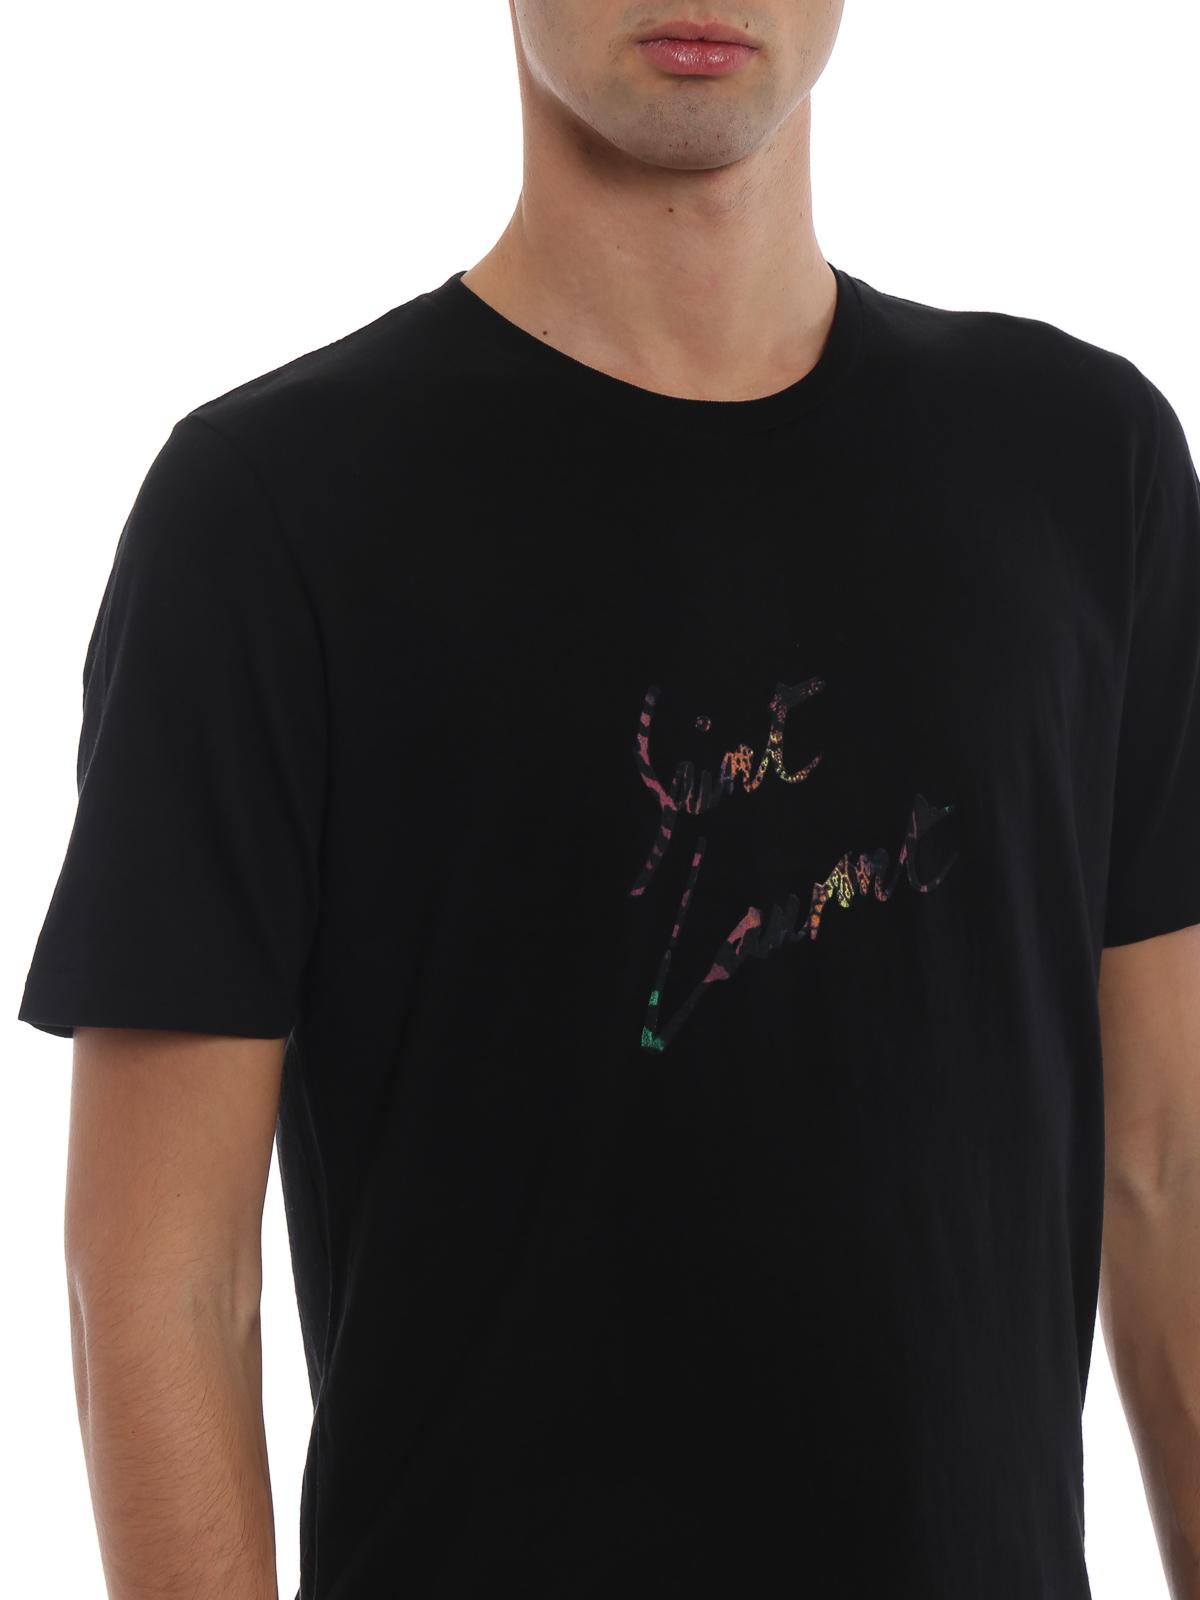 3a1ce6d692 Saint Laurent - Animal print Signature T-shirt - t-shirts ...